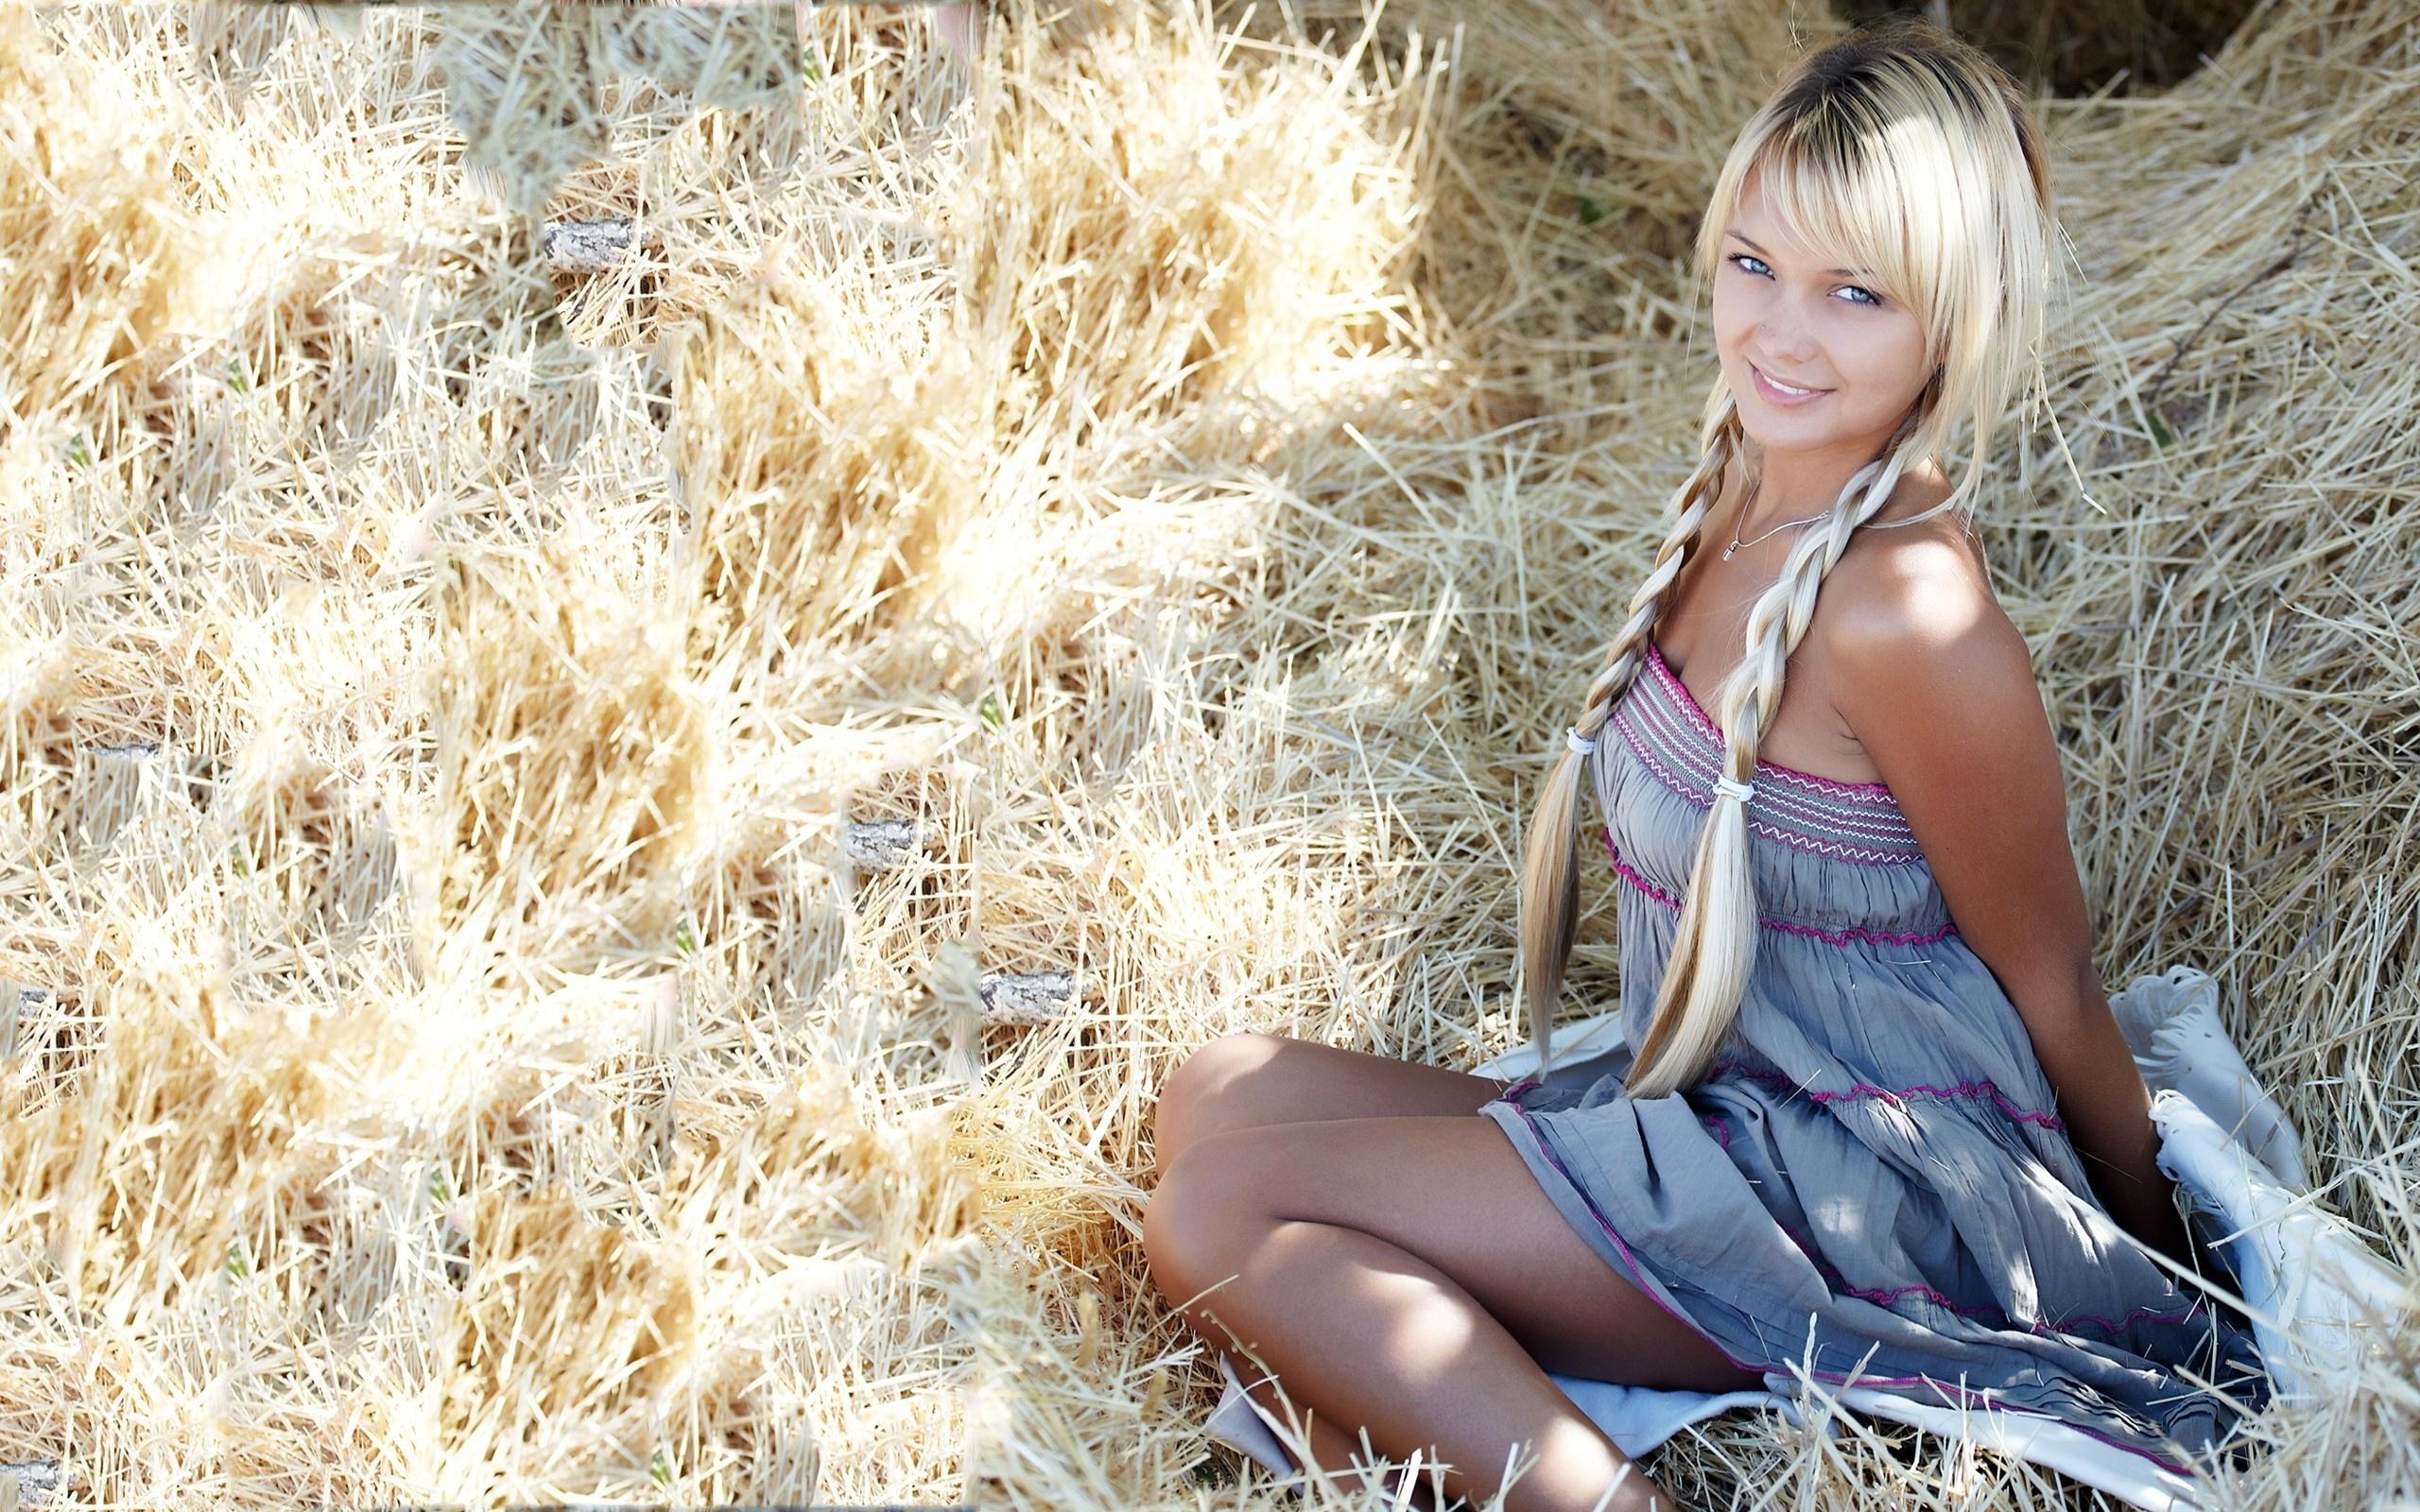 Трах девочки в деревне 5 фотография